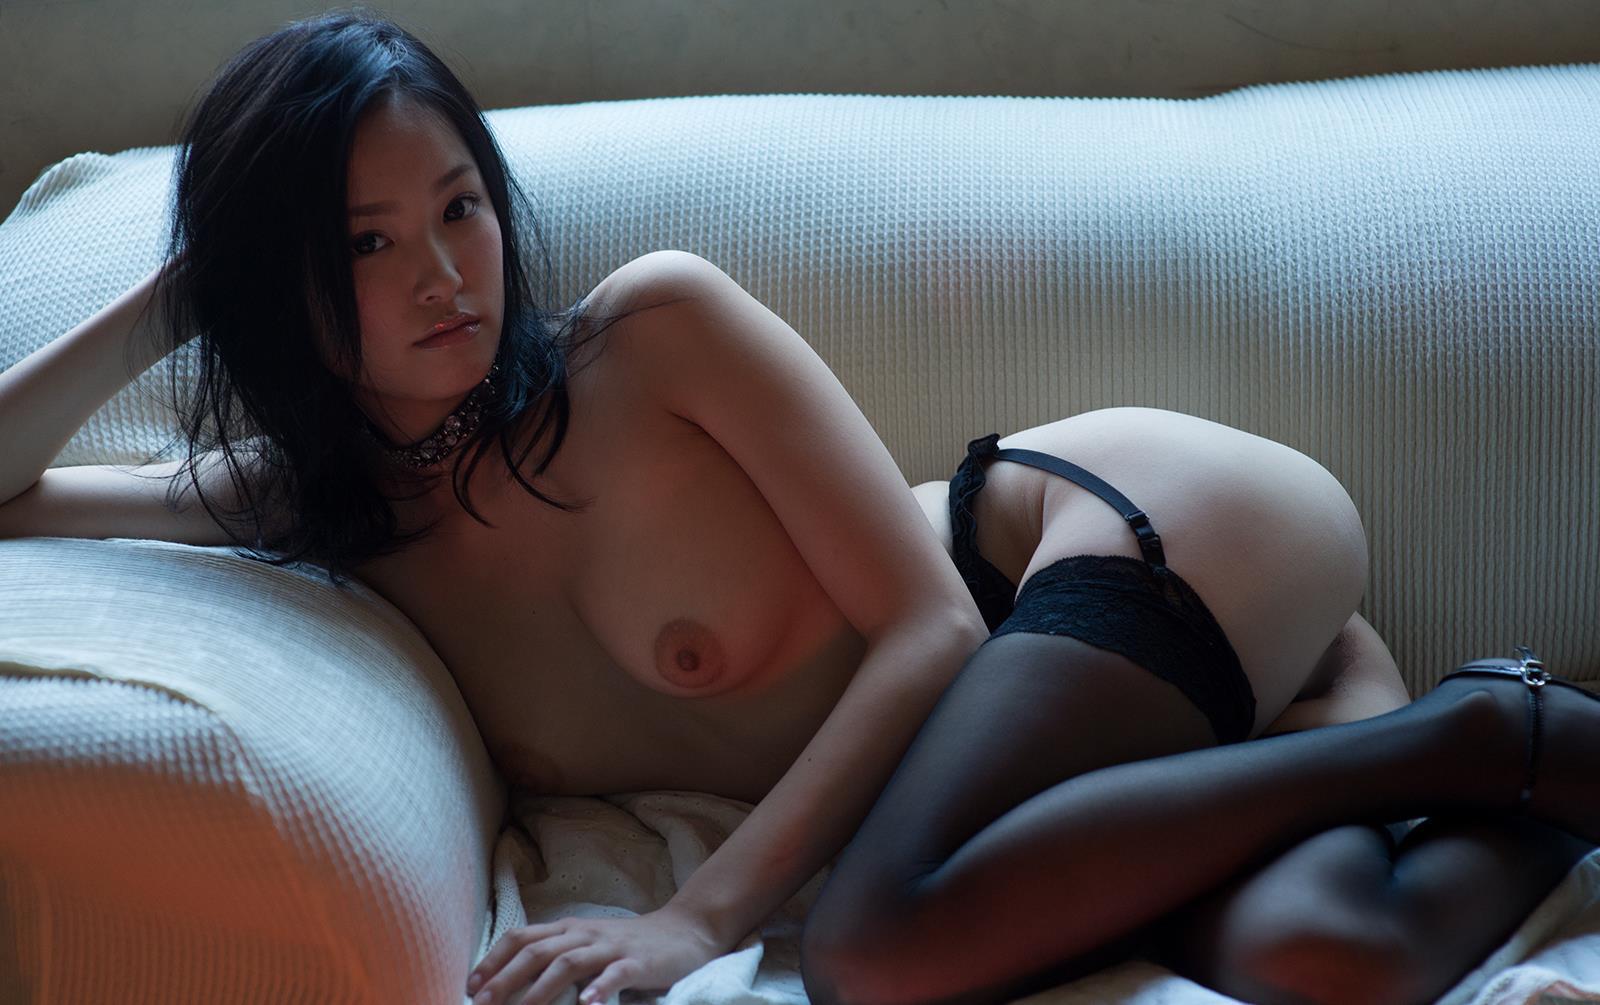 柚月あい 清純で清楚な黒髪美少女AV女優ヌード画像